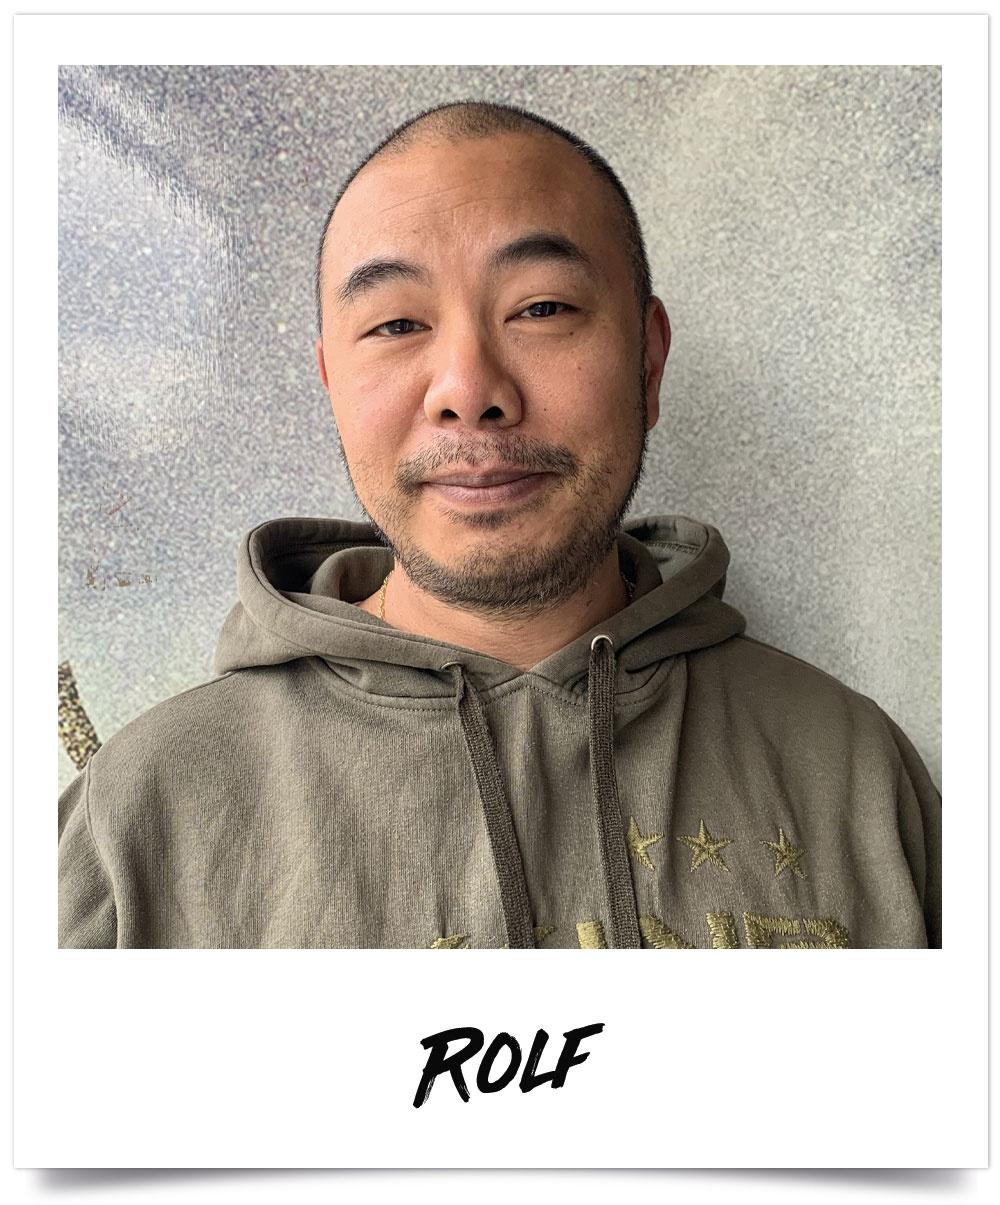 Rolf Sumo - Eurofuncenter Crew